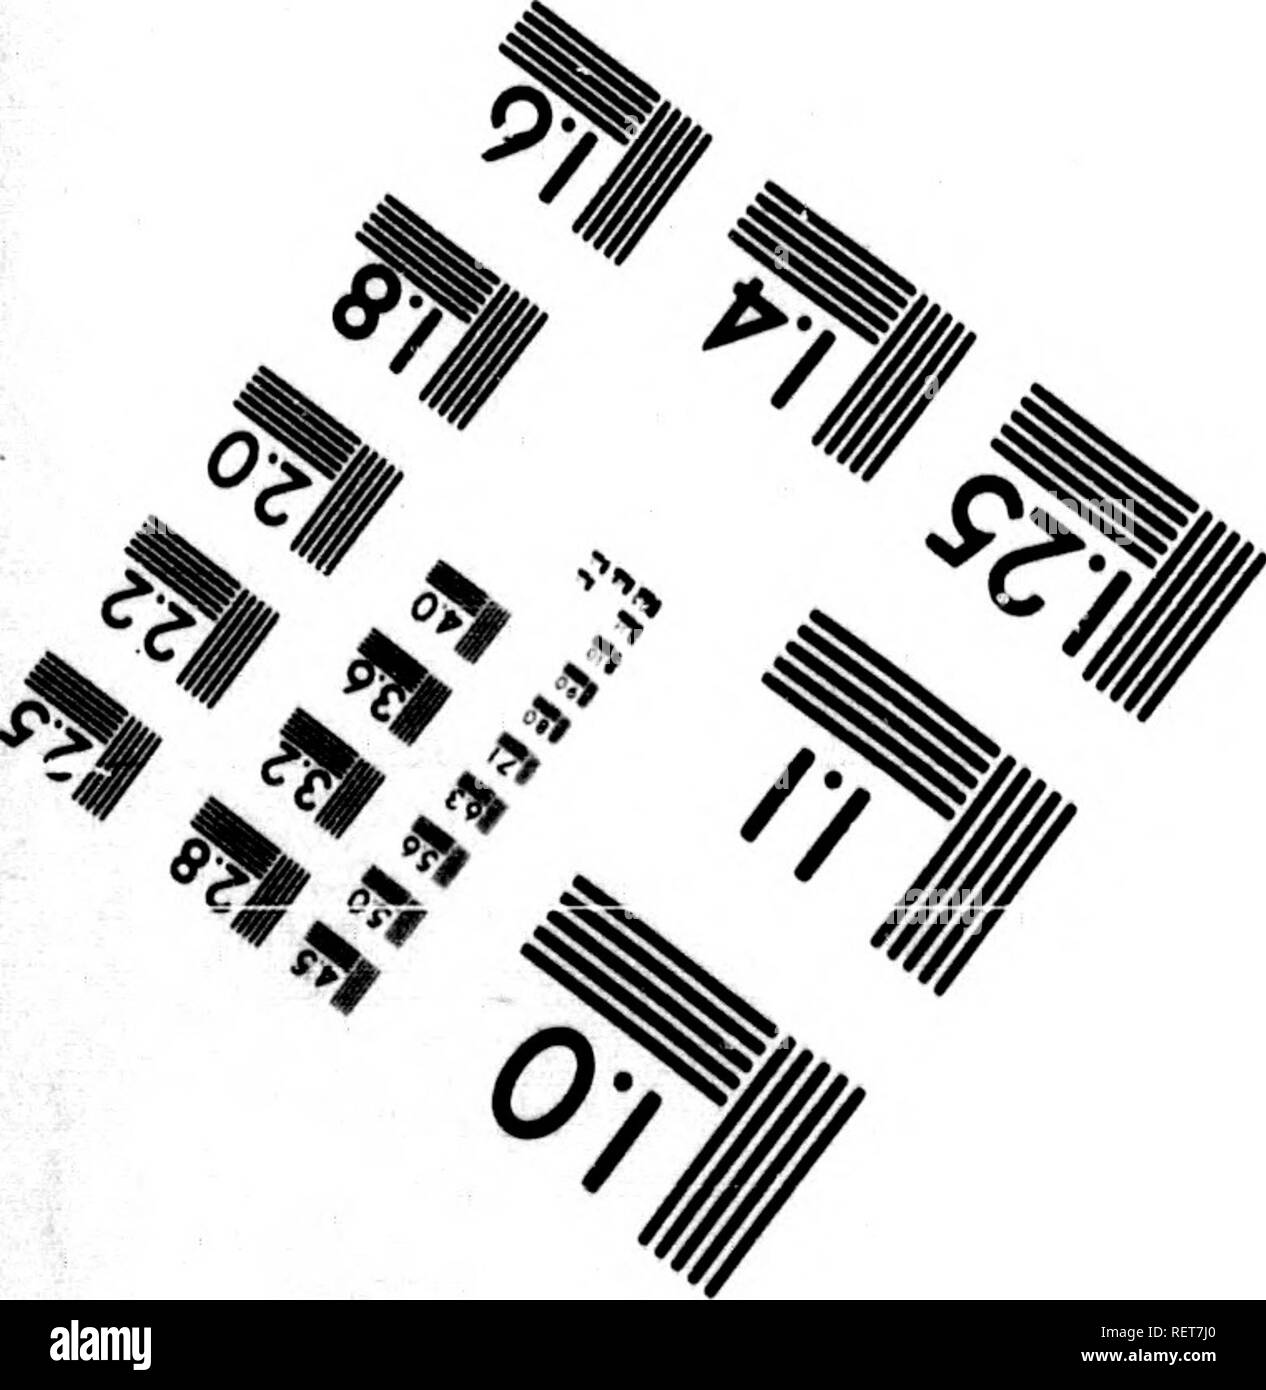 . Histoire naturelle de Buffon [microforme] : classée par ordres, genres et espèces, d'après le système de Linné avec les caractères géné riques et la nomenclature Linnéenne. Sciences naturelles; Ornithologie; Natural history; Ornithology. IMAGE EVALUATION TEST TARGET (MT-3) ^ s?^ // :/, 1.0 l.l lU m â AO 12.5 llâà 2.0 1.25 ,.4,     ,.6 ^ 6» ⺠f; s». Hiotographic Sciences Corporation 33 WEST MAIN STREET WEBSTER, N.Y. 14580 (716) 873-4503  S?  ^^ 6^ > ^^ 'ib^. Please note that these images are extracted from scanned page images that may have been digitally enhanced for readab - Stock Image